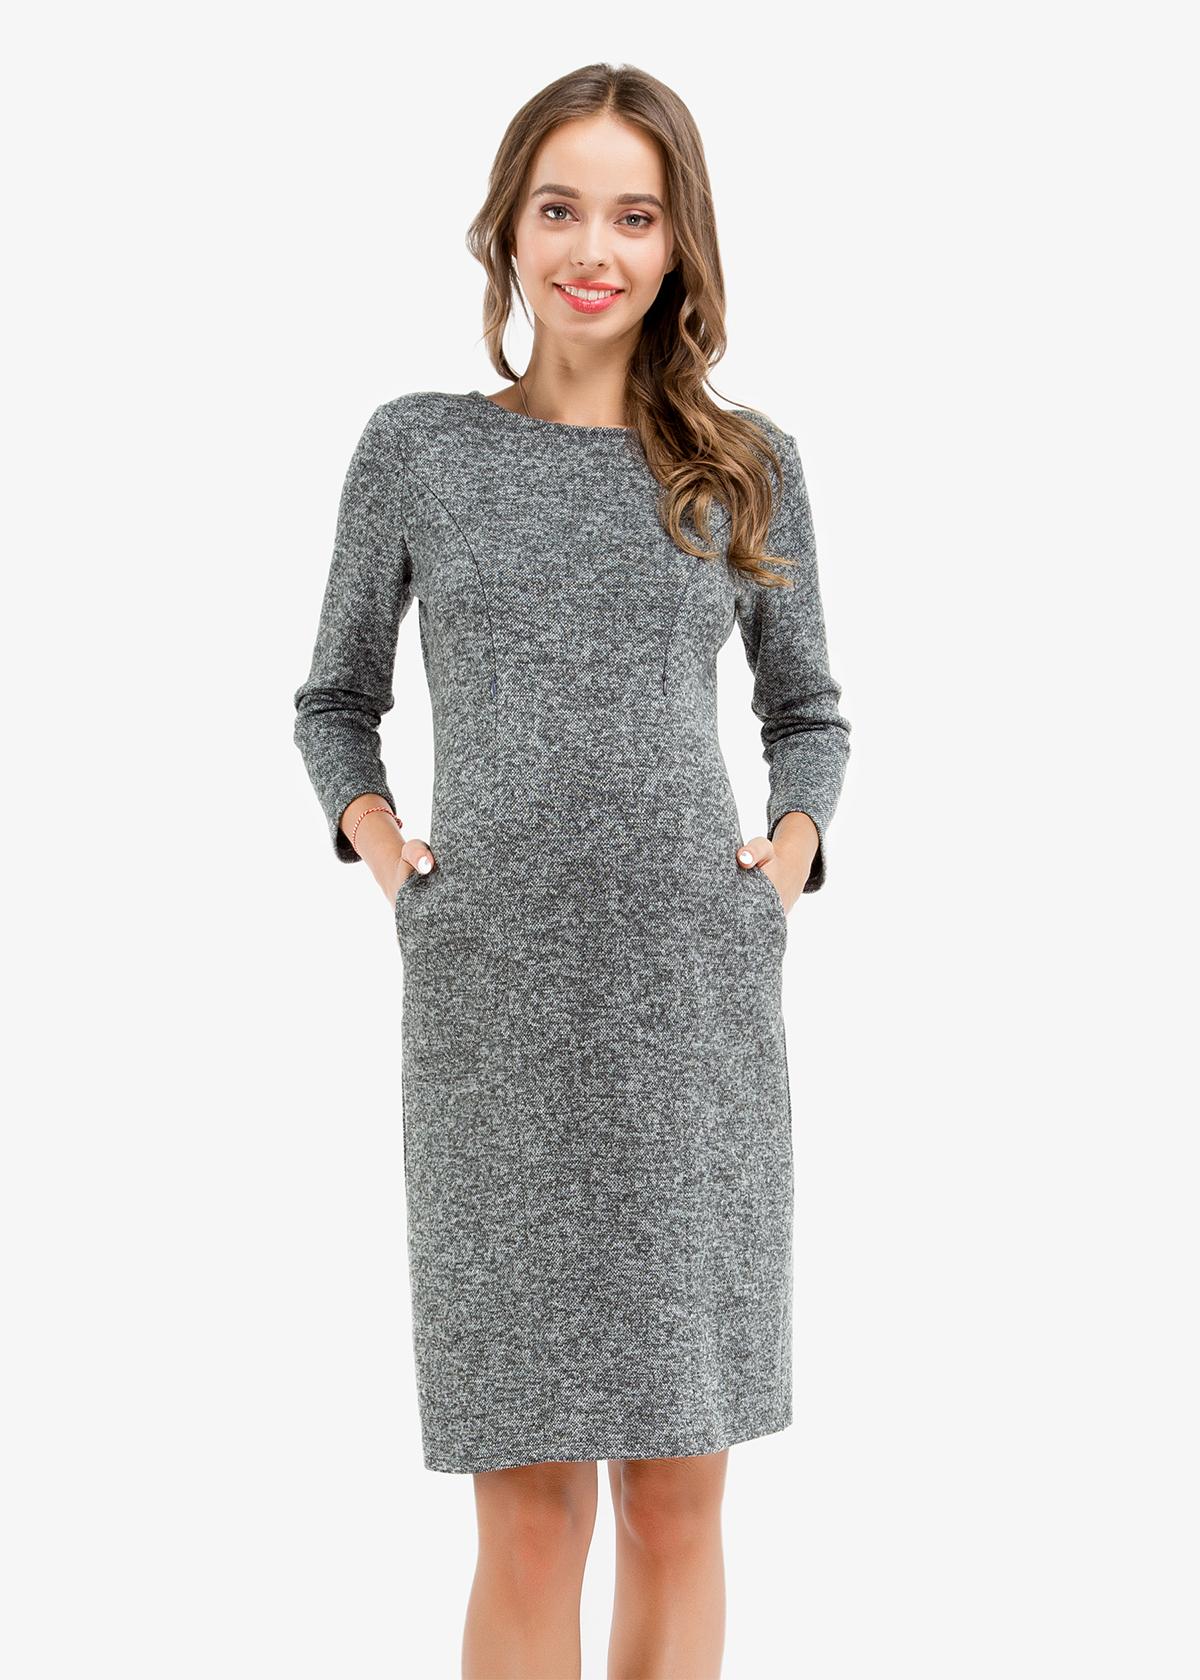 Фото: Прямое платье Femine для беременных 1